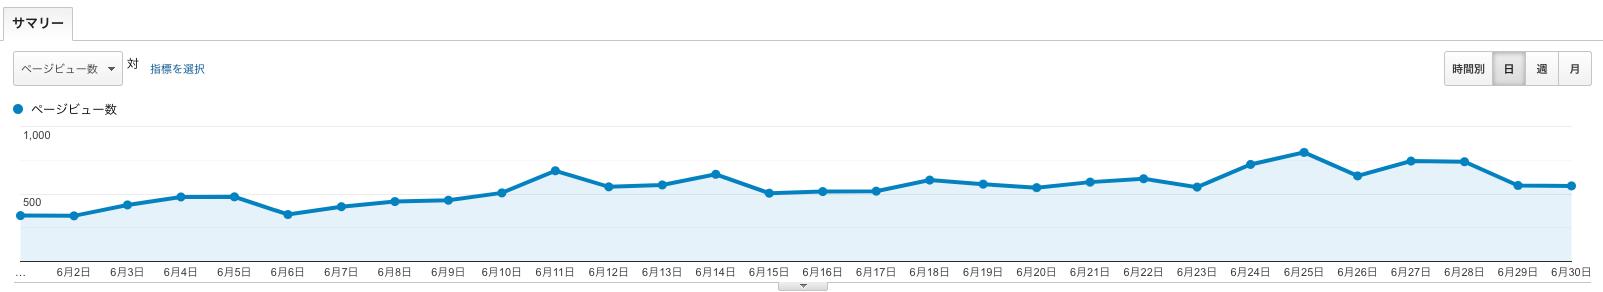 ブログ5ヶ月目のPVデイリー推移